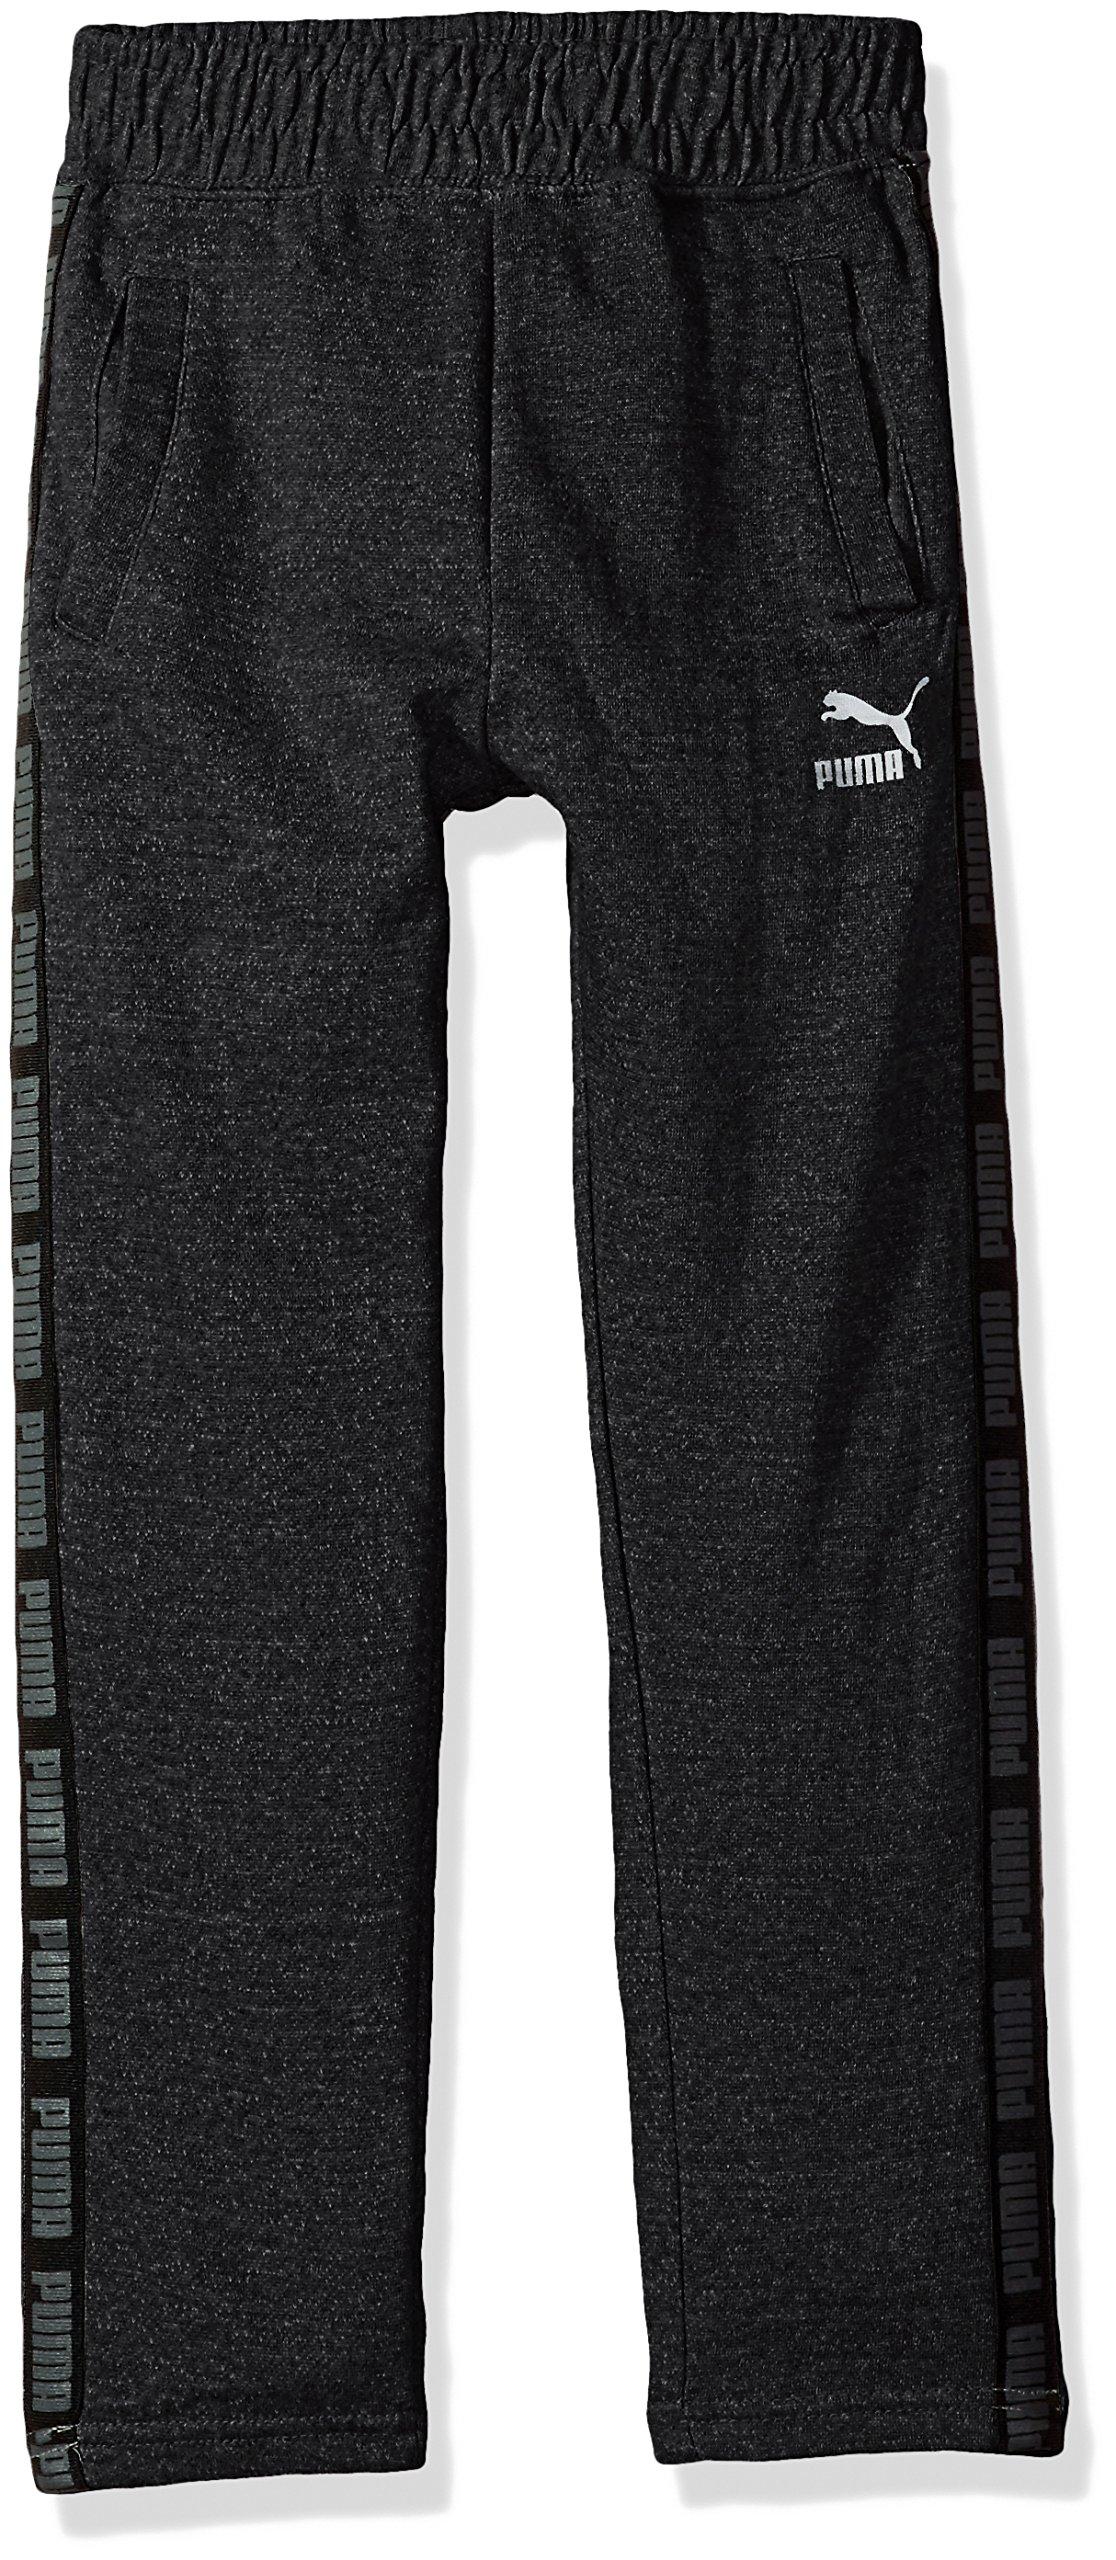 PUMA Big Boys' Tapered Pant, Black Heather, Medium (10/12)